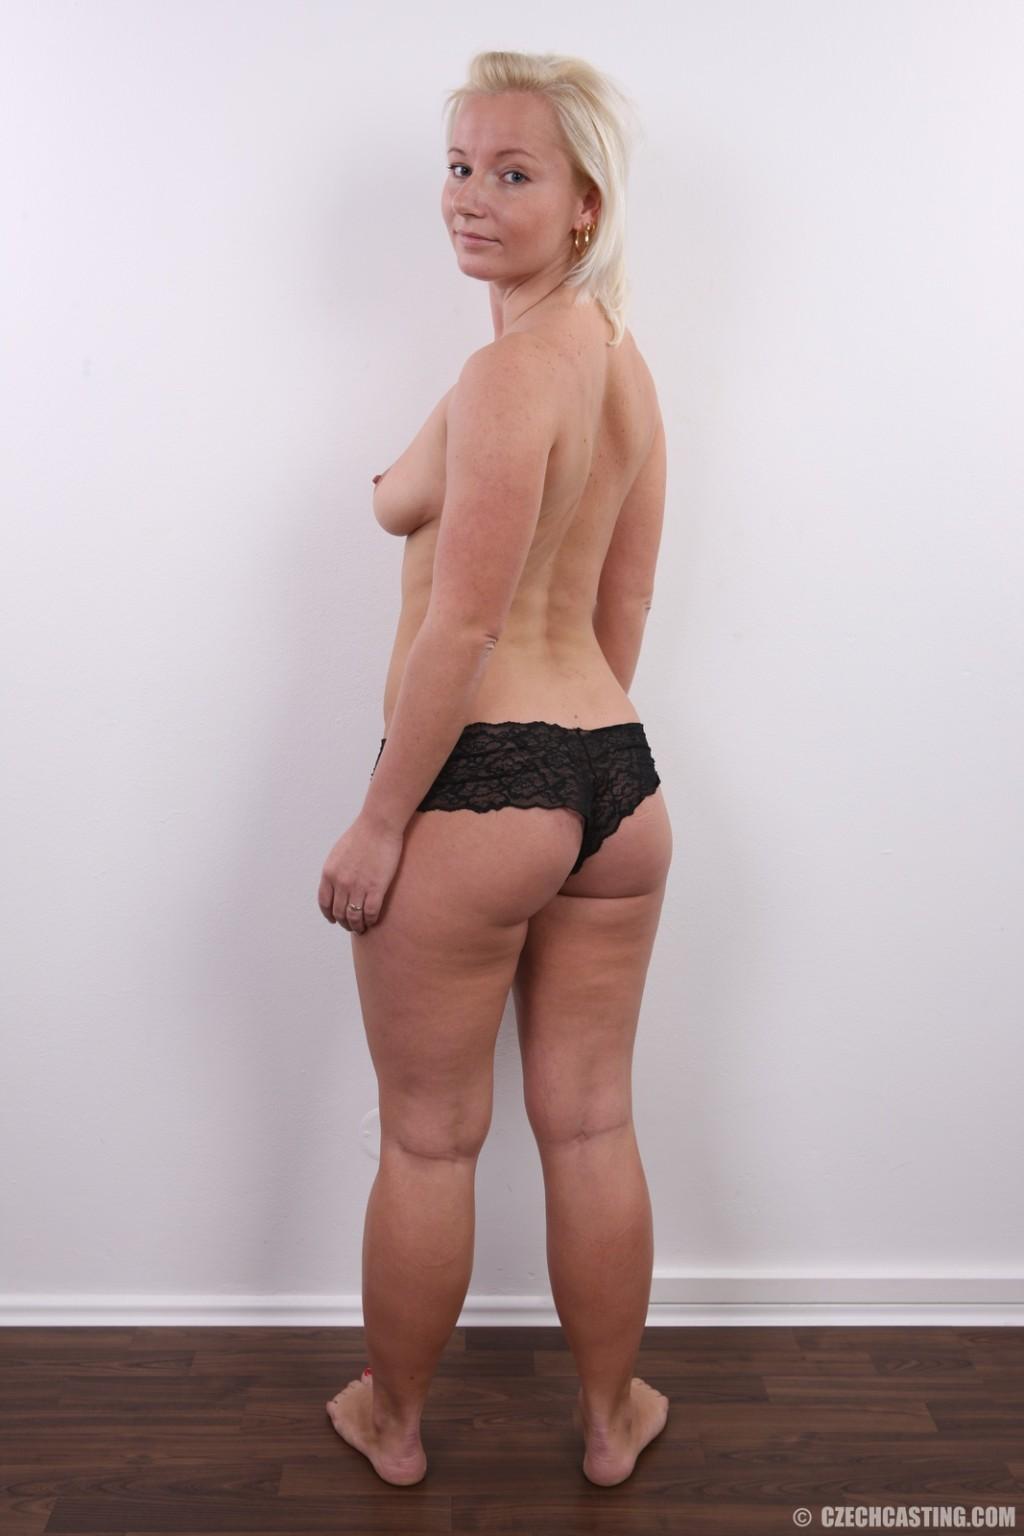 Голенькая пизденка с выпирающим клитором у невысокой блонды